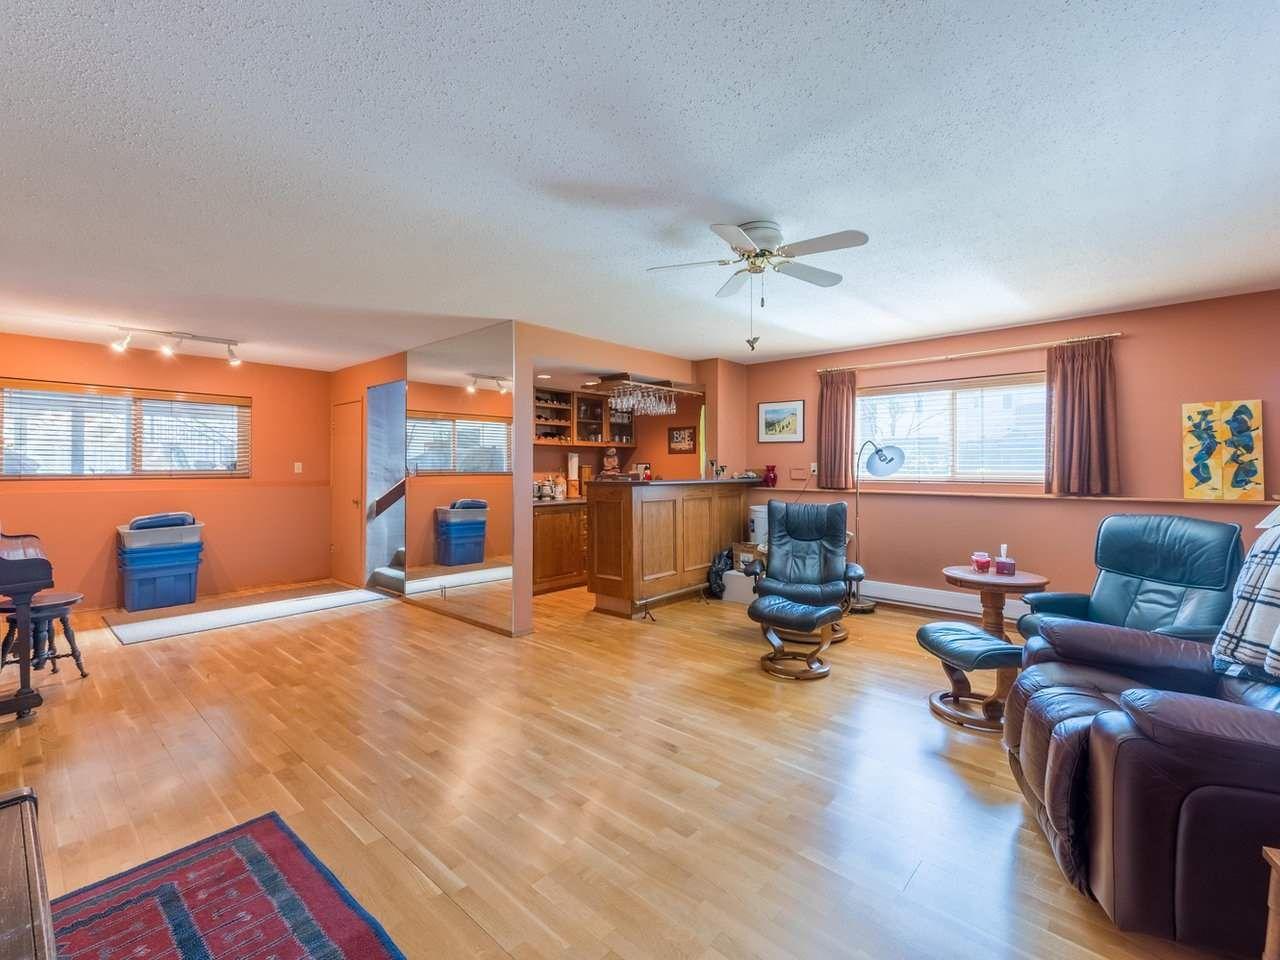 Photo 27: Photos: 808 REGAN Avenue in Coquitlam: Coquitlam West House for sale : MLS®# R2563486